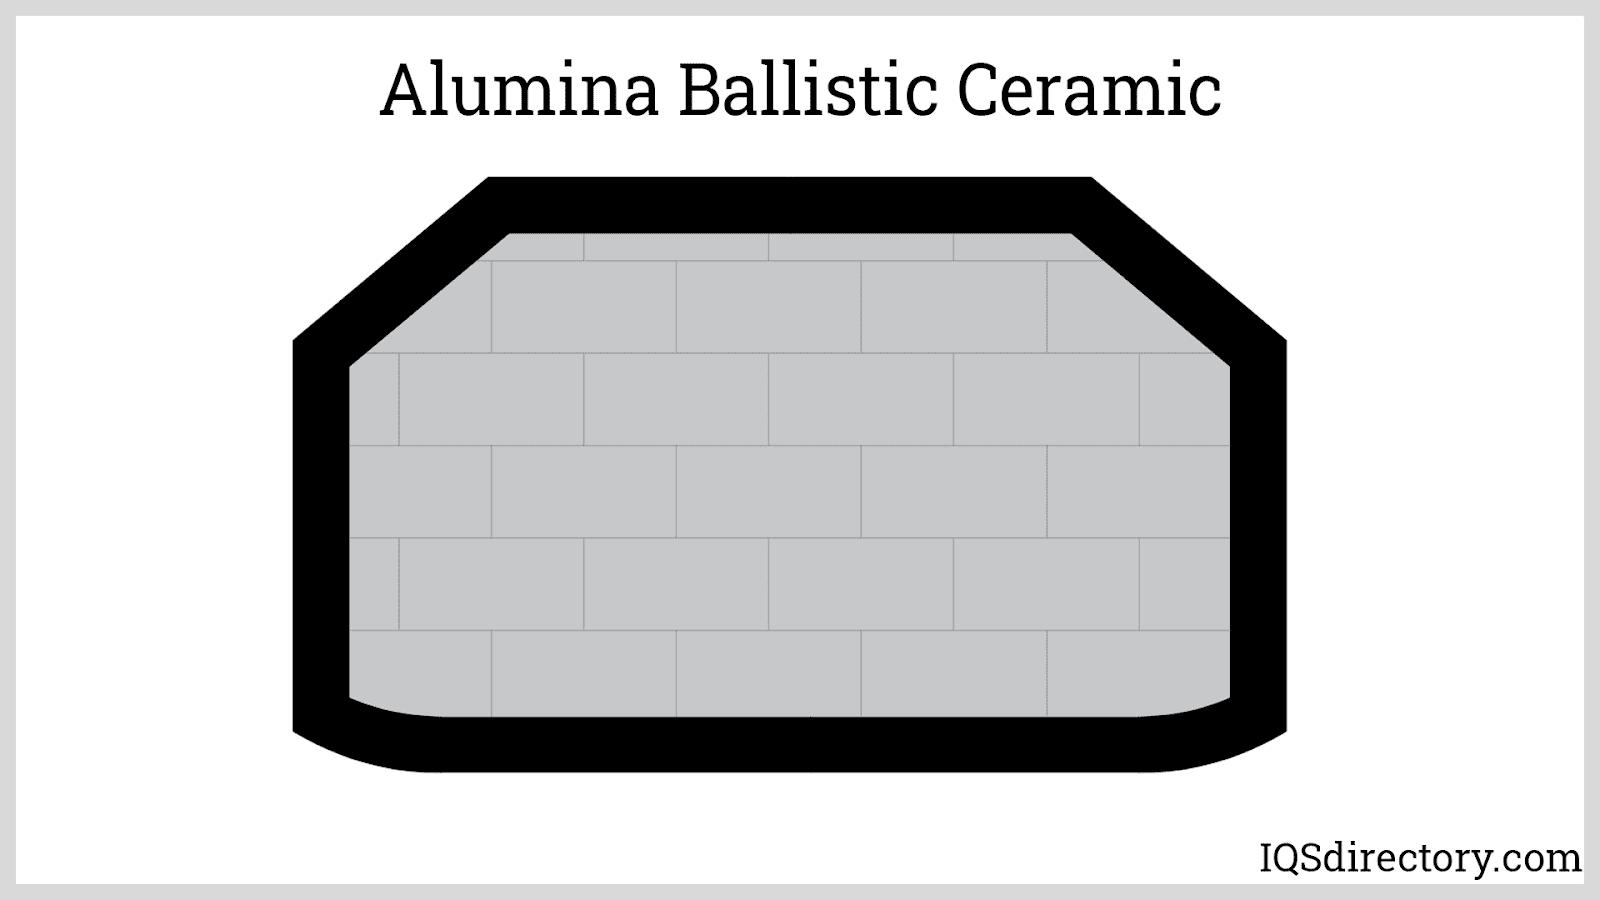 Alumina Ballistic Ceramic